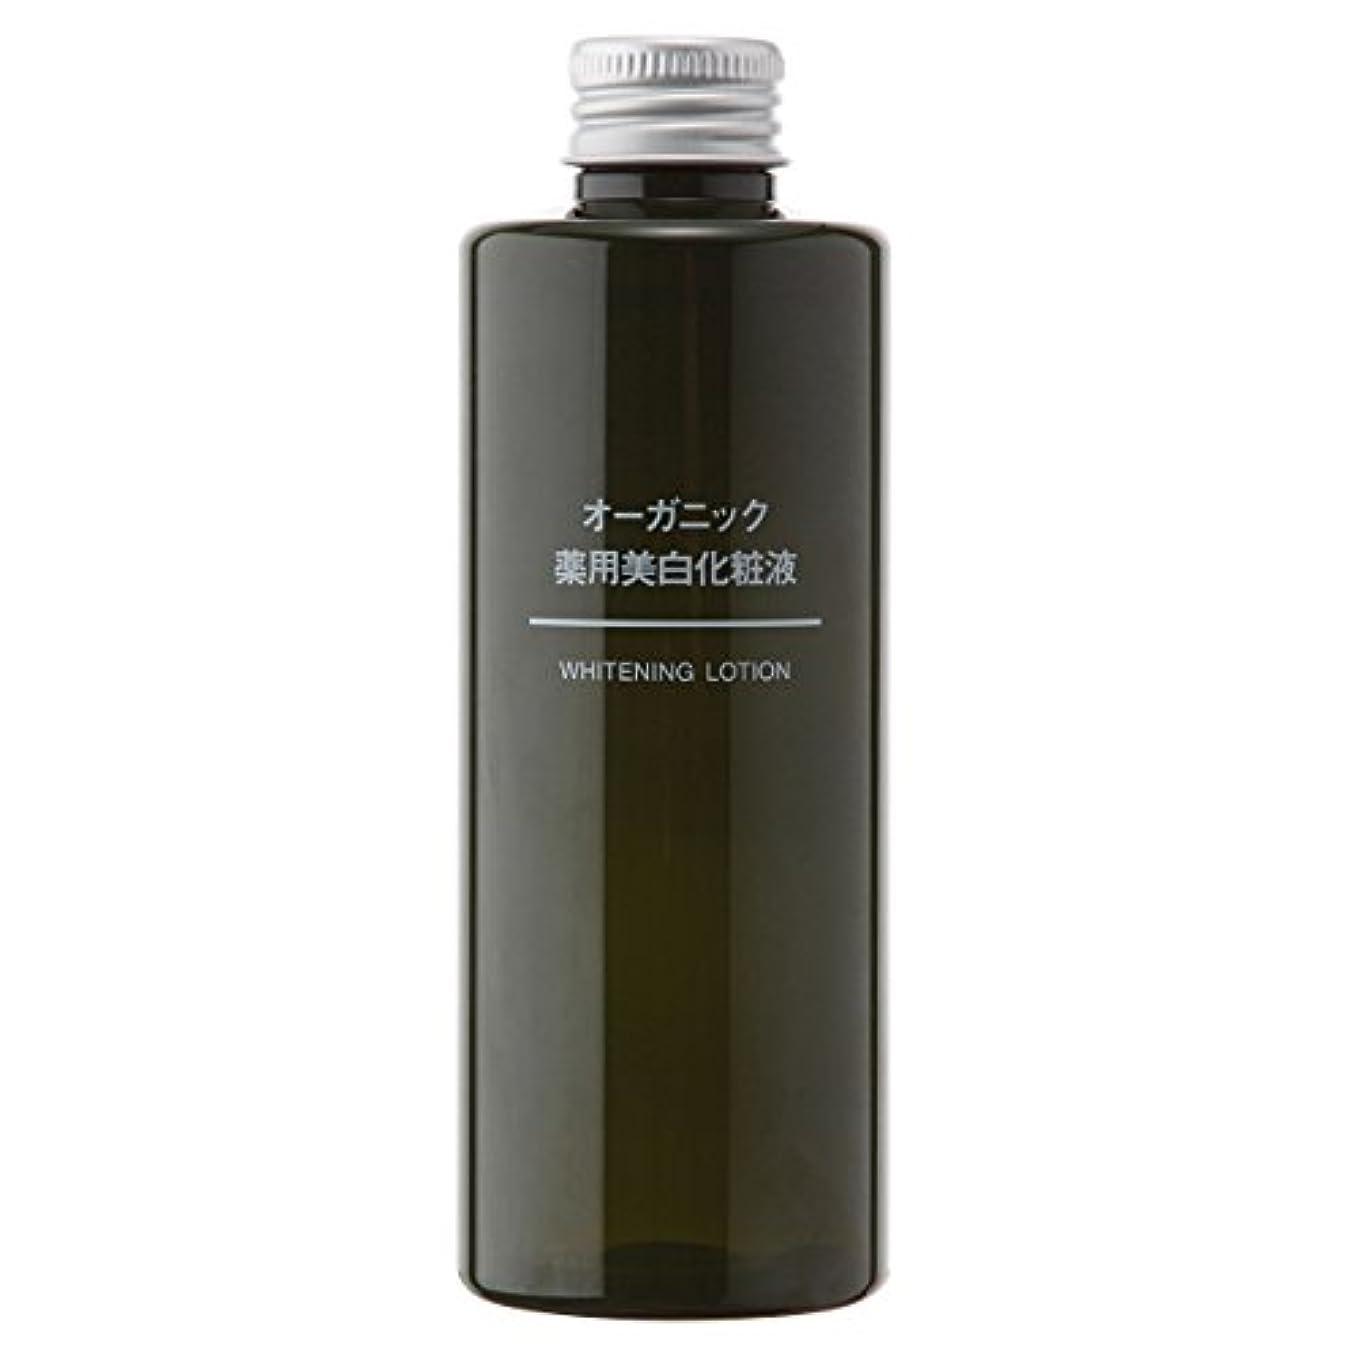 メディック公式ブラスト無印良品 オーガニック薬用美白化粧液 200ml